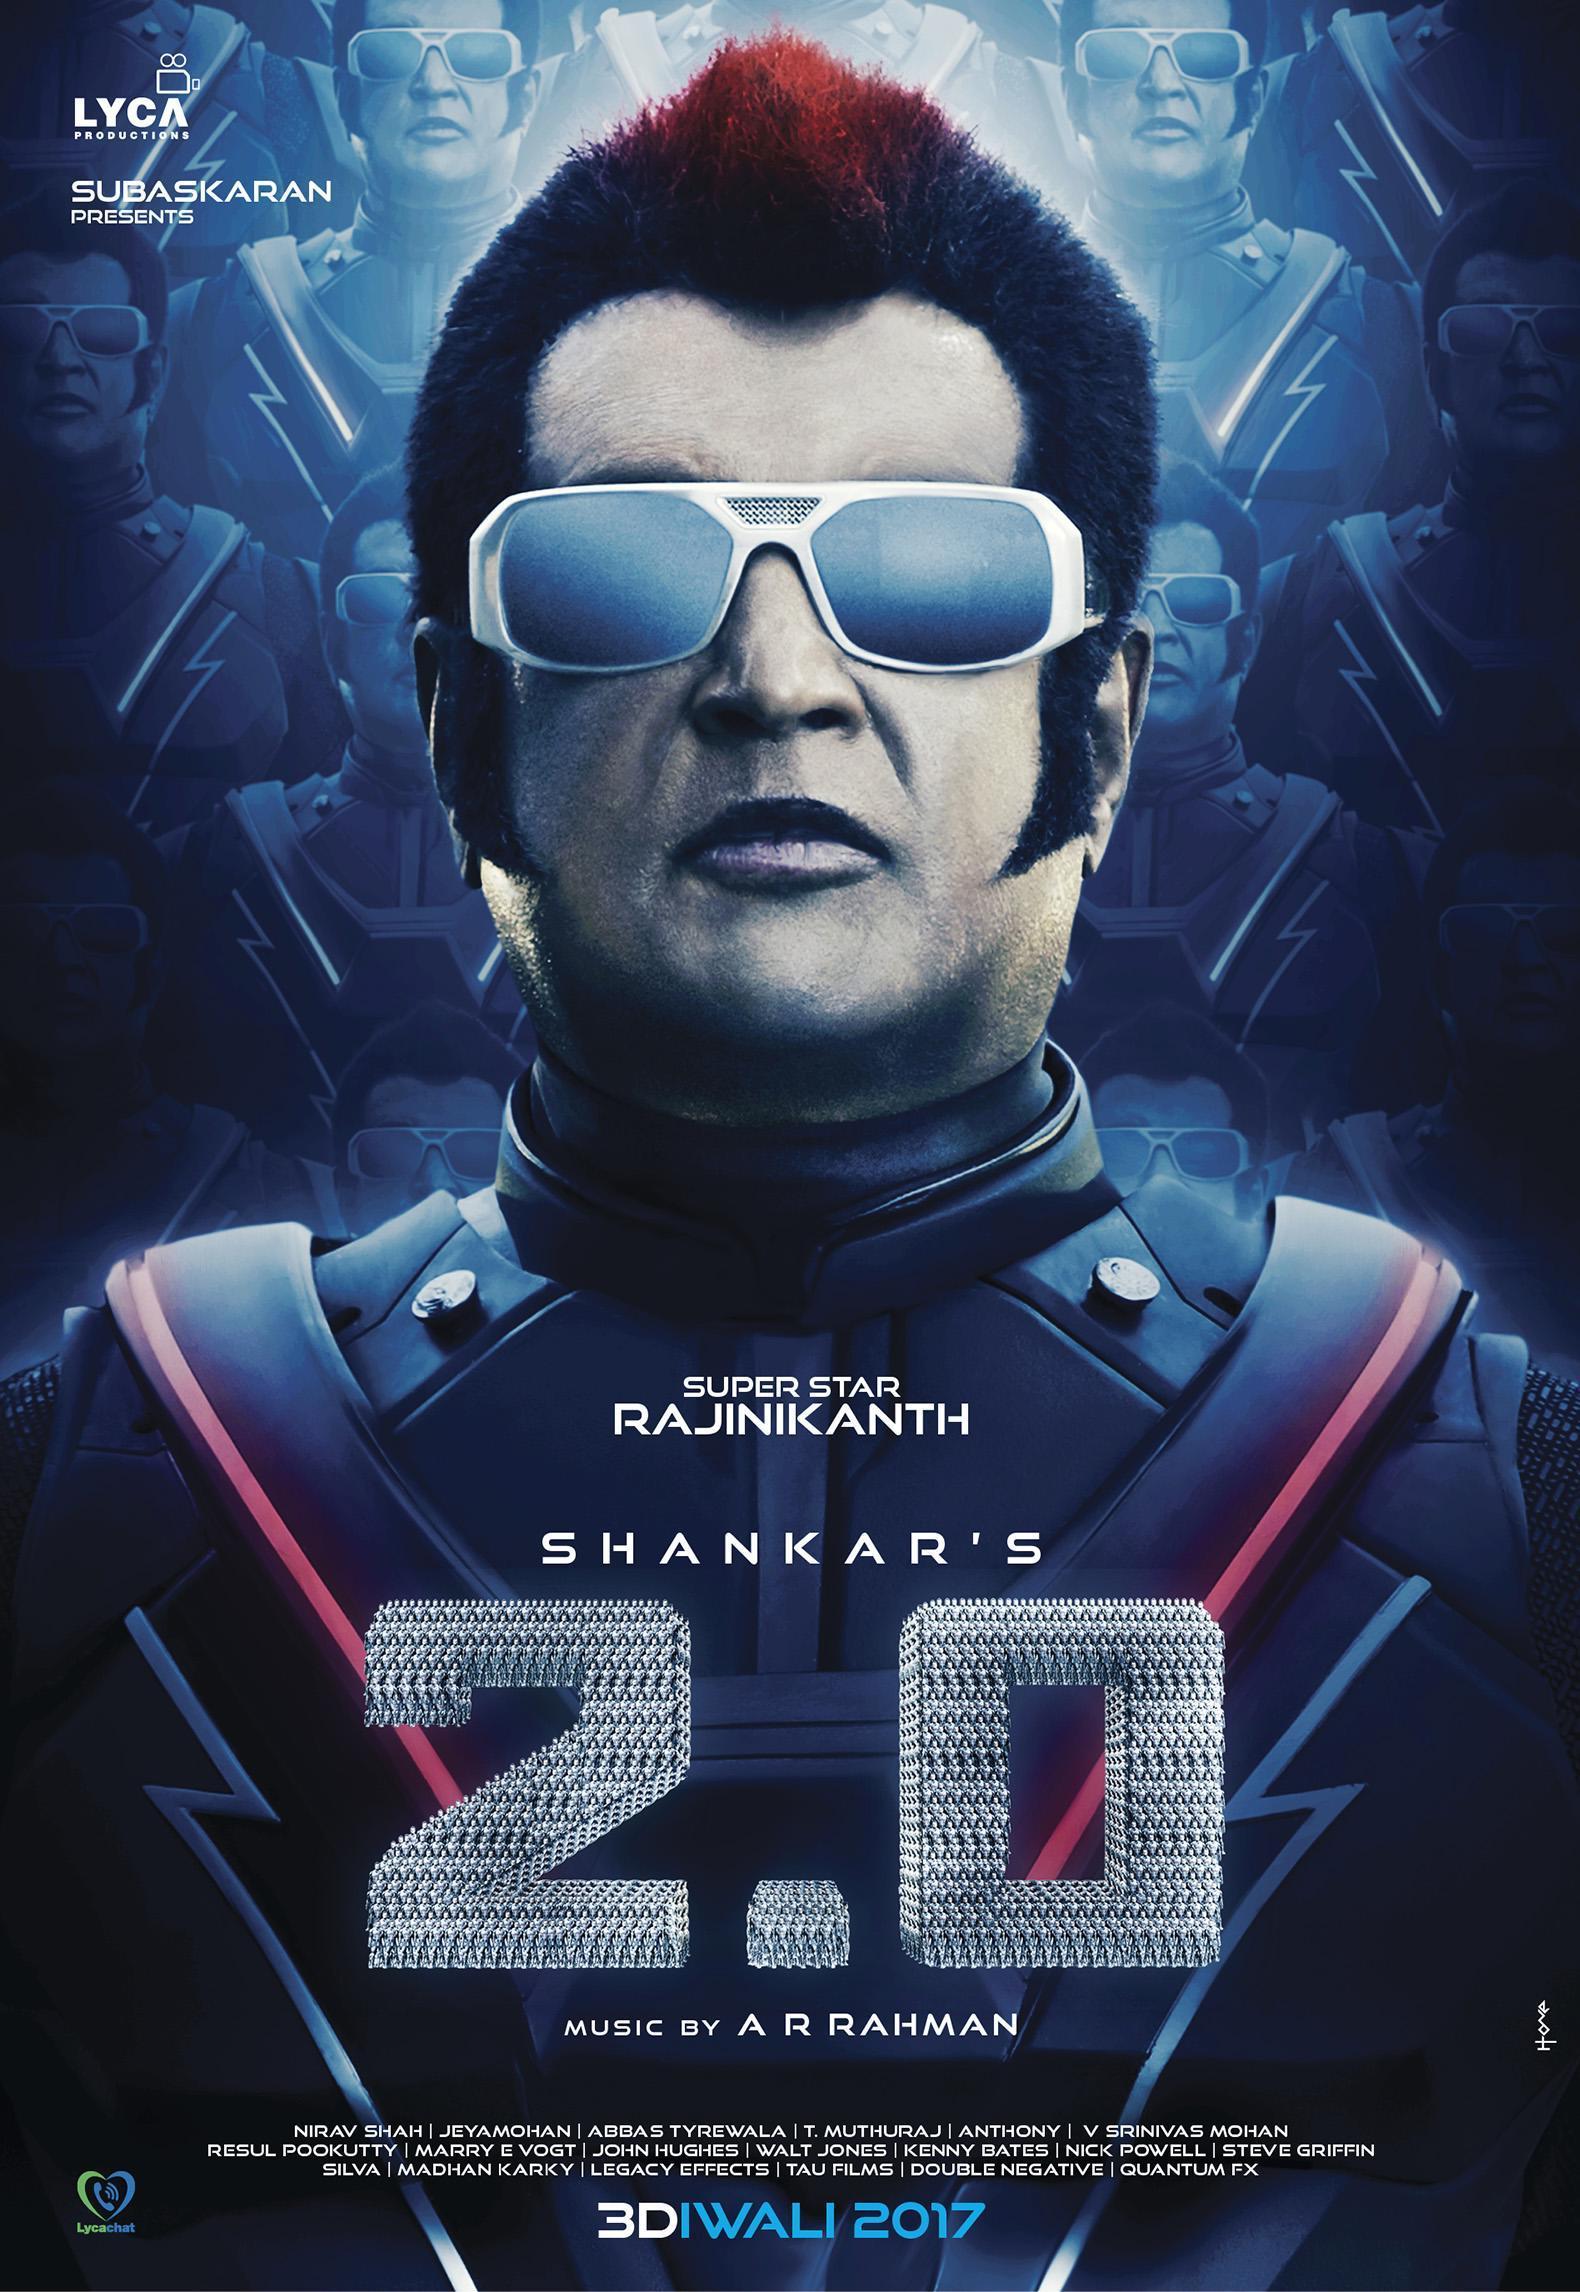 宝莱坞机器人2.0/重生归来 2.0 (2018)百度云迅雷下载